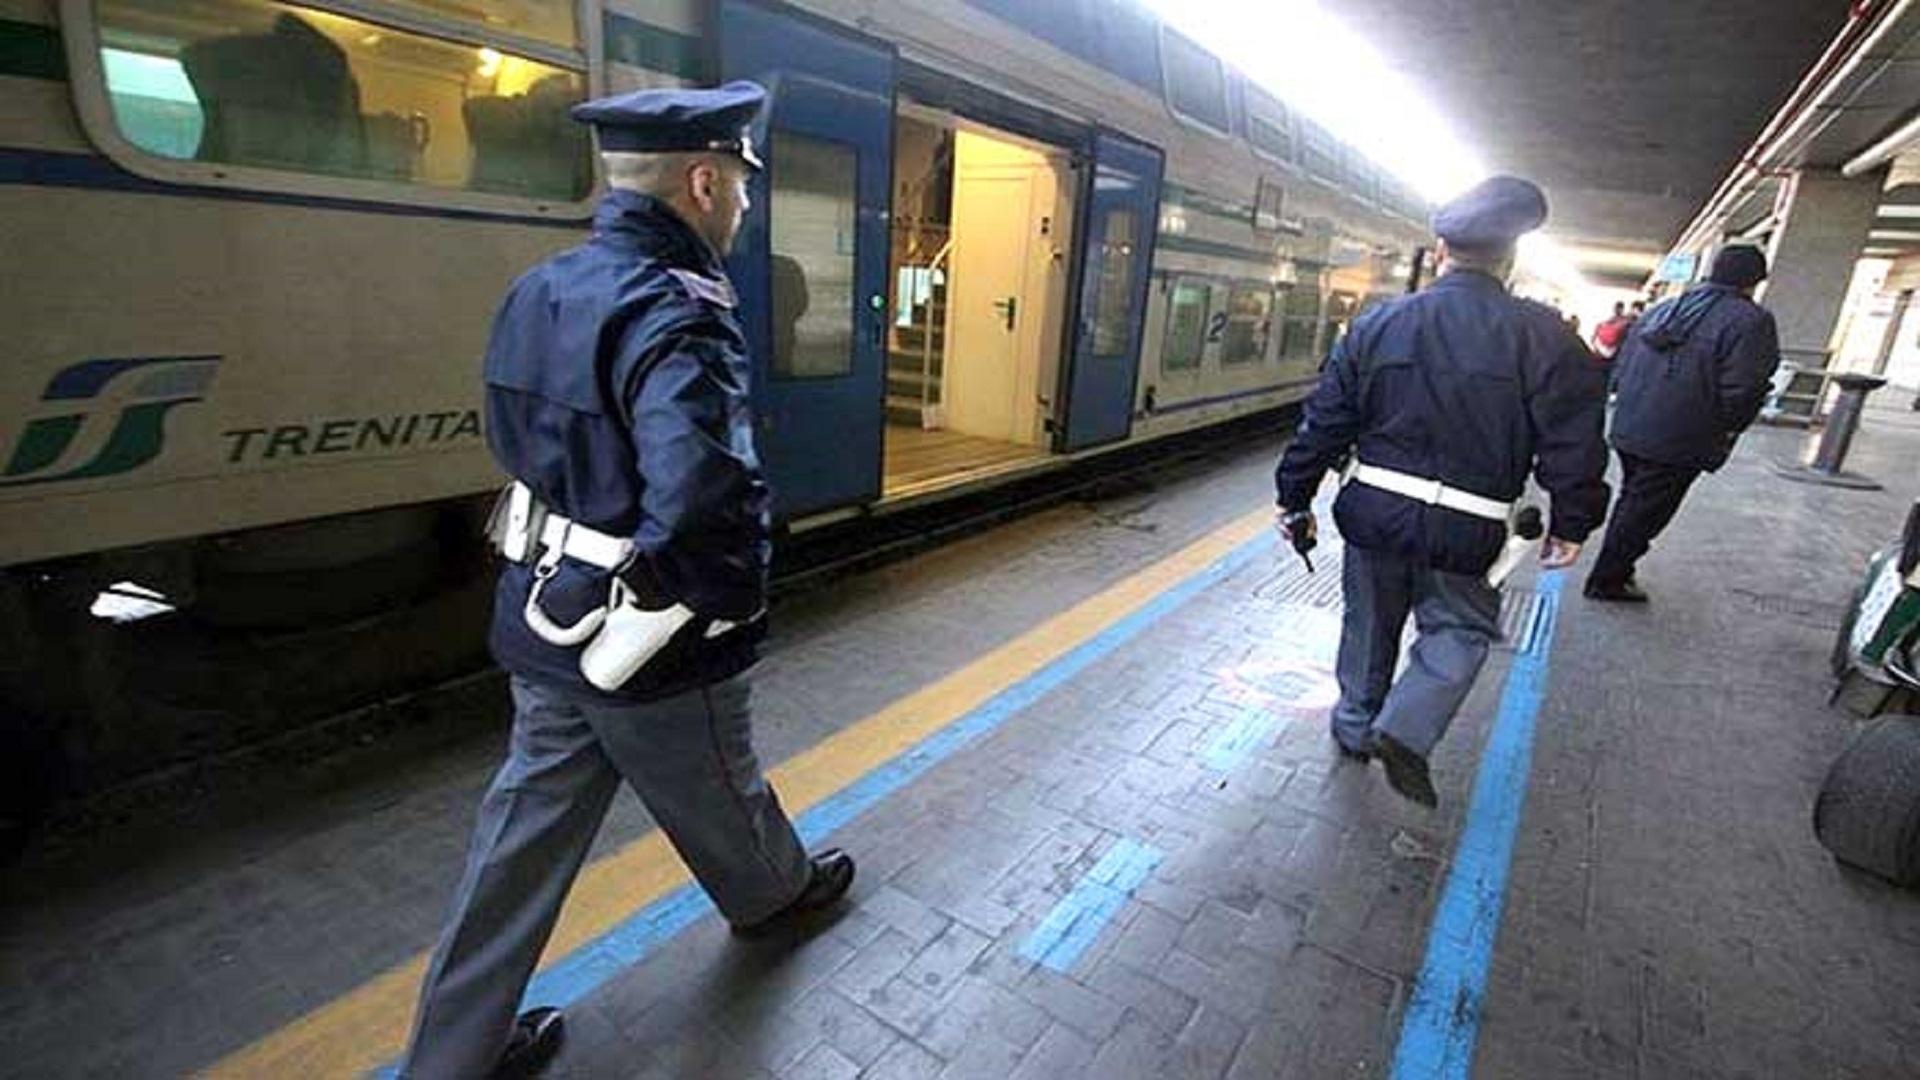 Avolese arrestato alla Stazione di Siracusa: deve scontare 9 mesi